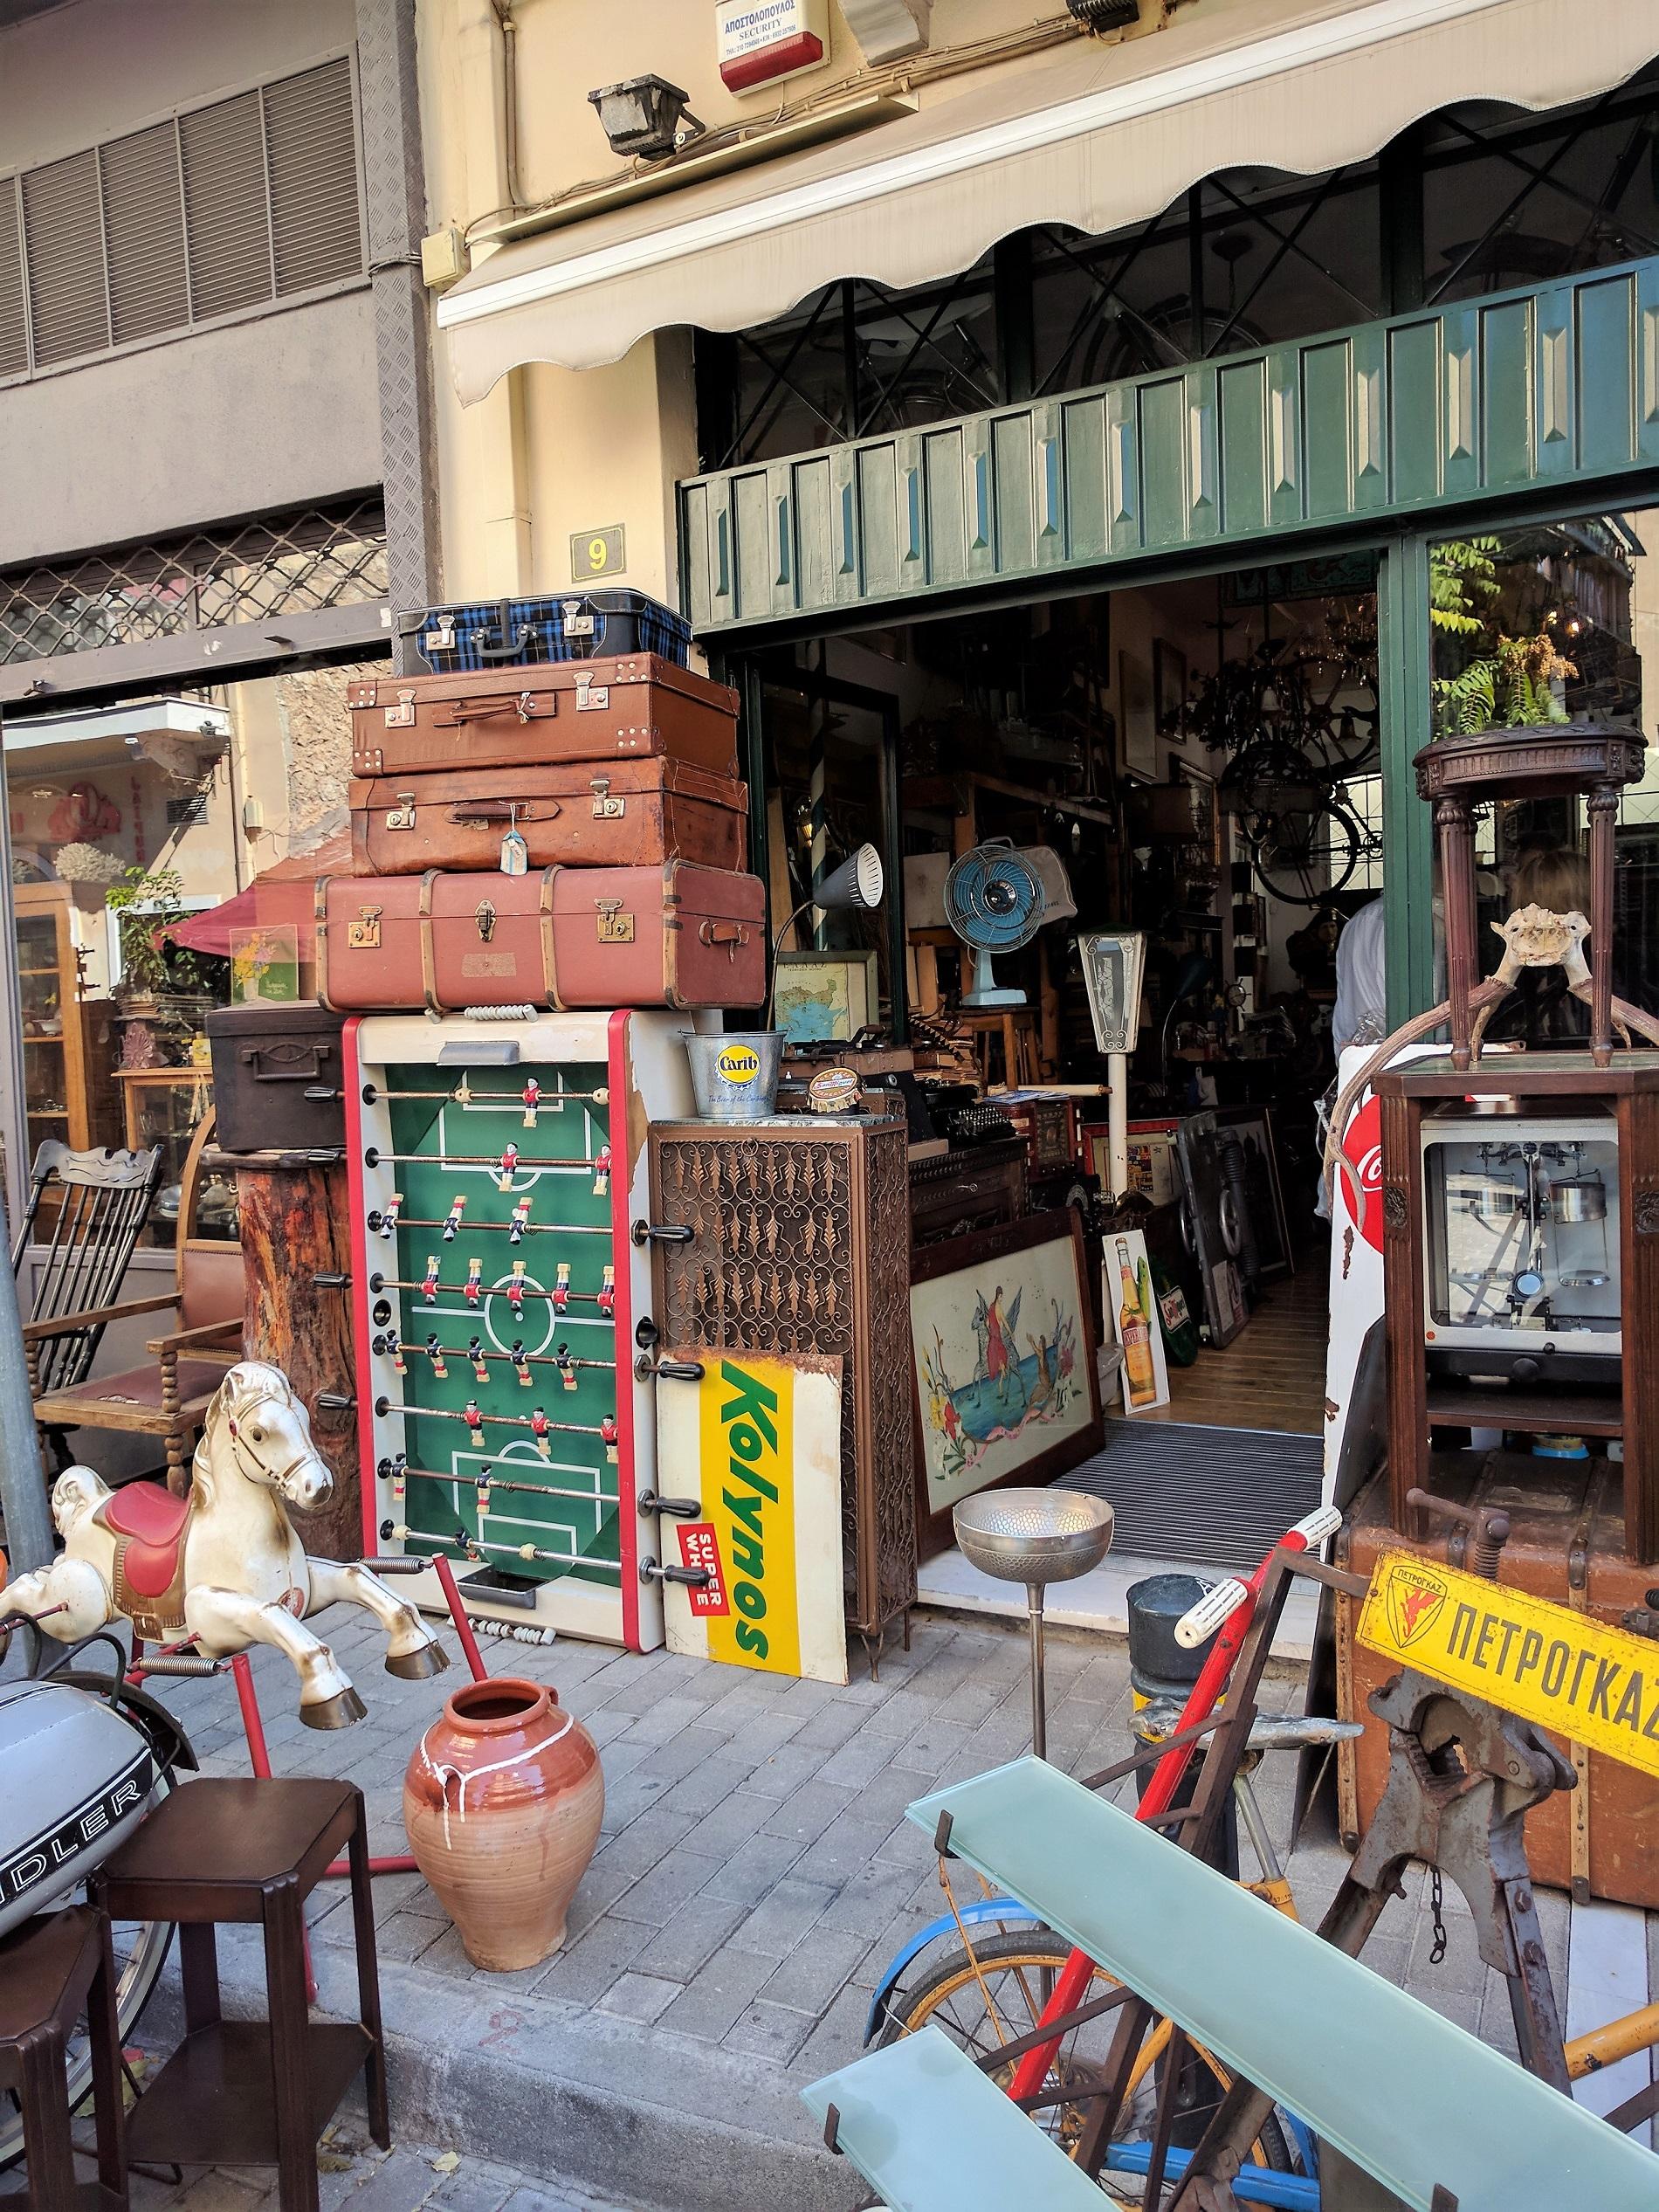 Μικροι θησαυροι στην αγορα του Μοναστηρακιου